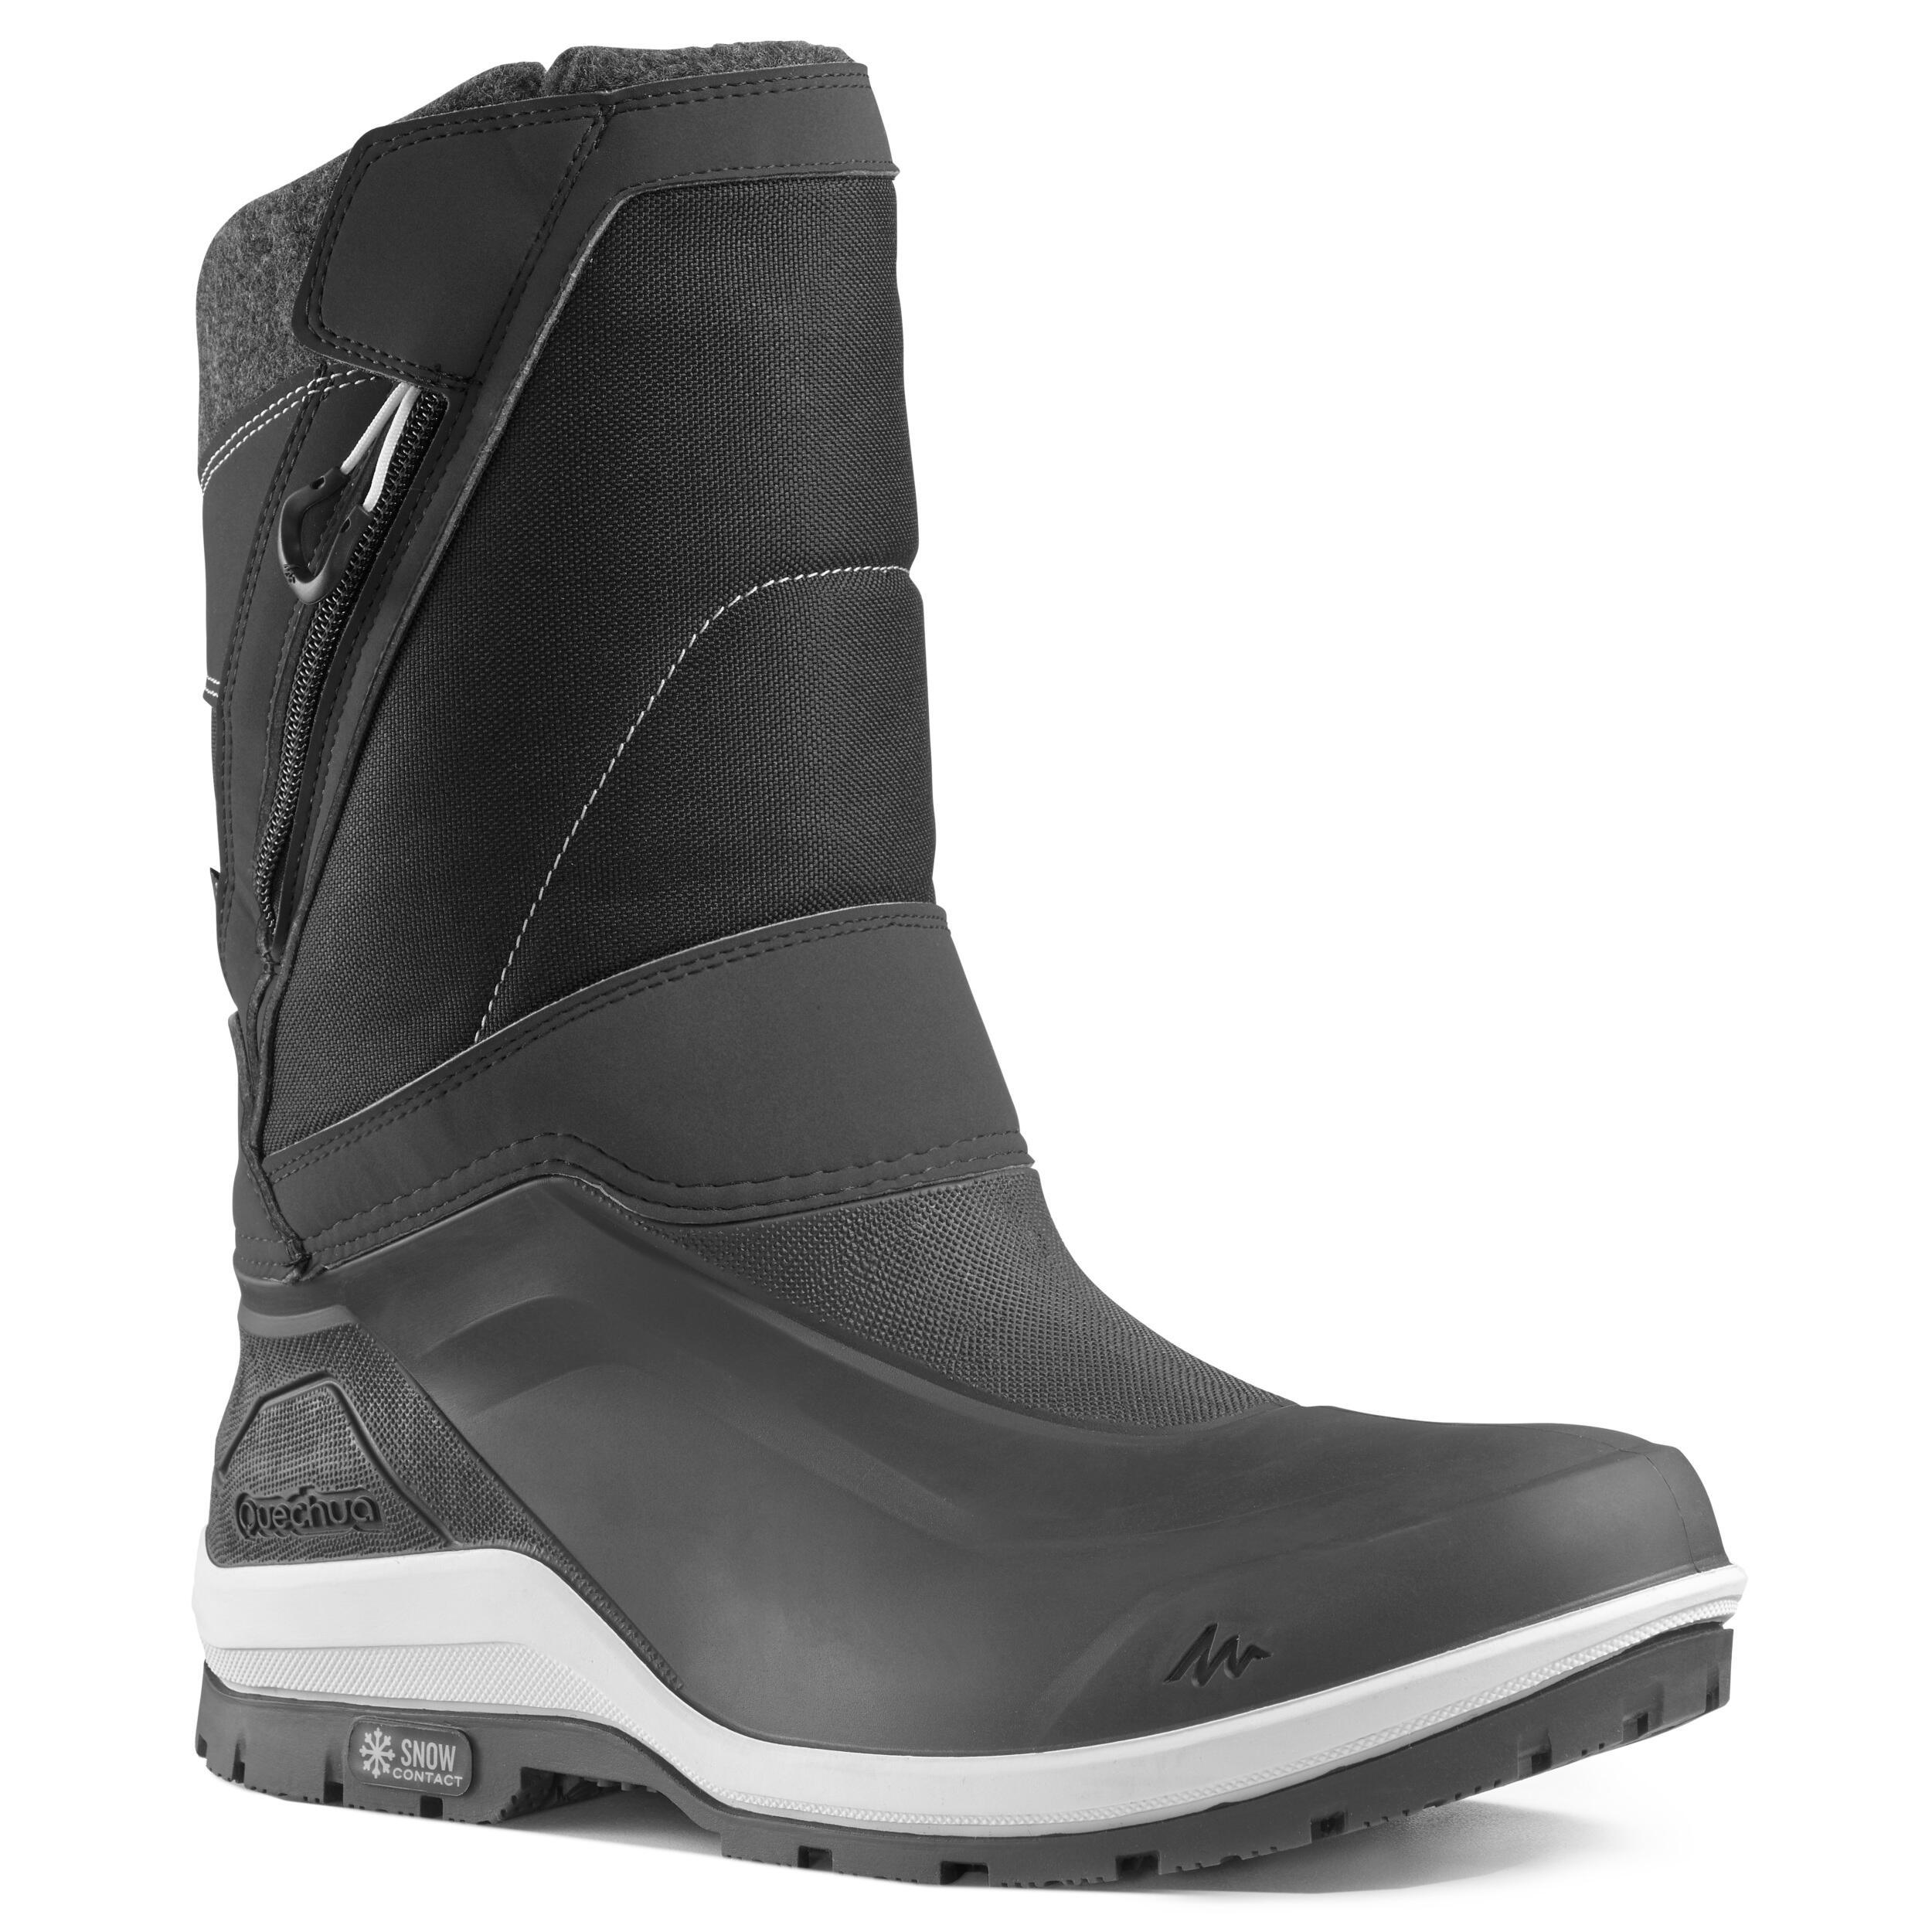 Men's warm waterproof snow boots